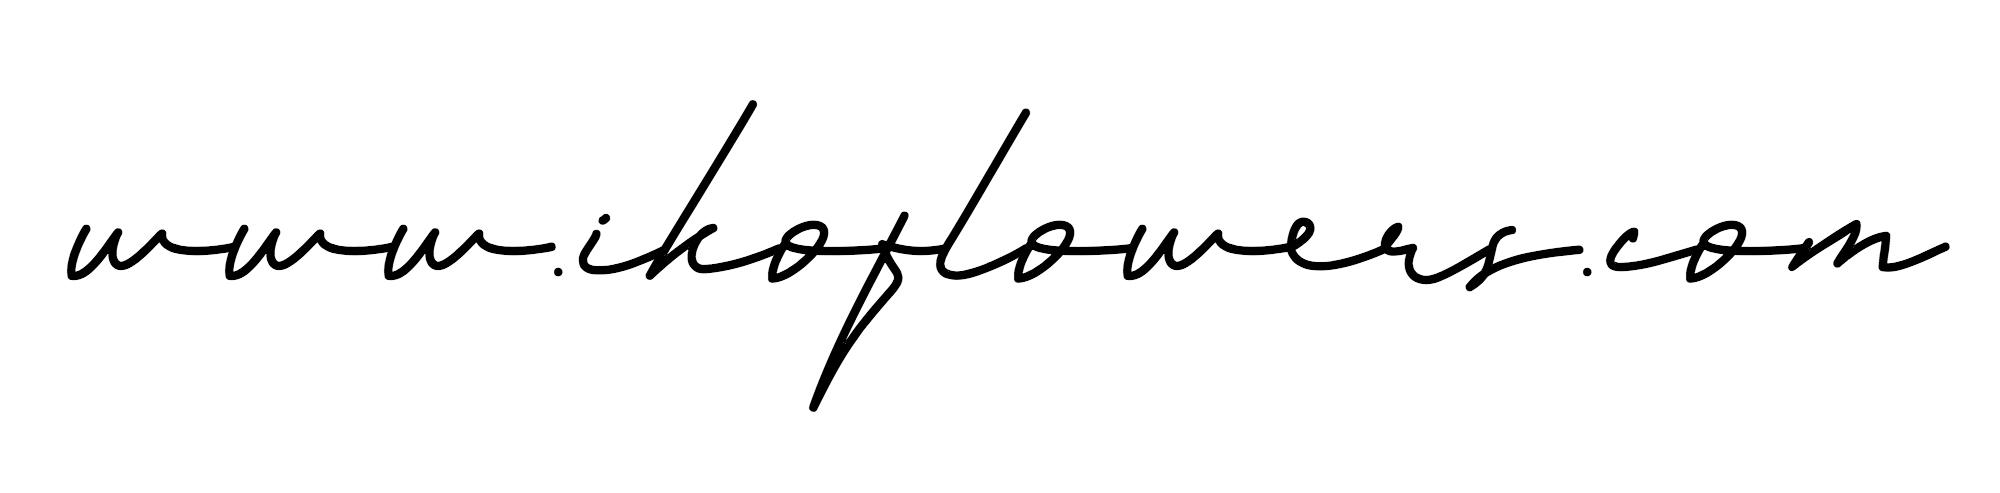 www.ikoflowers.com.jpg